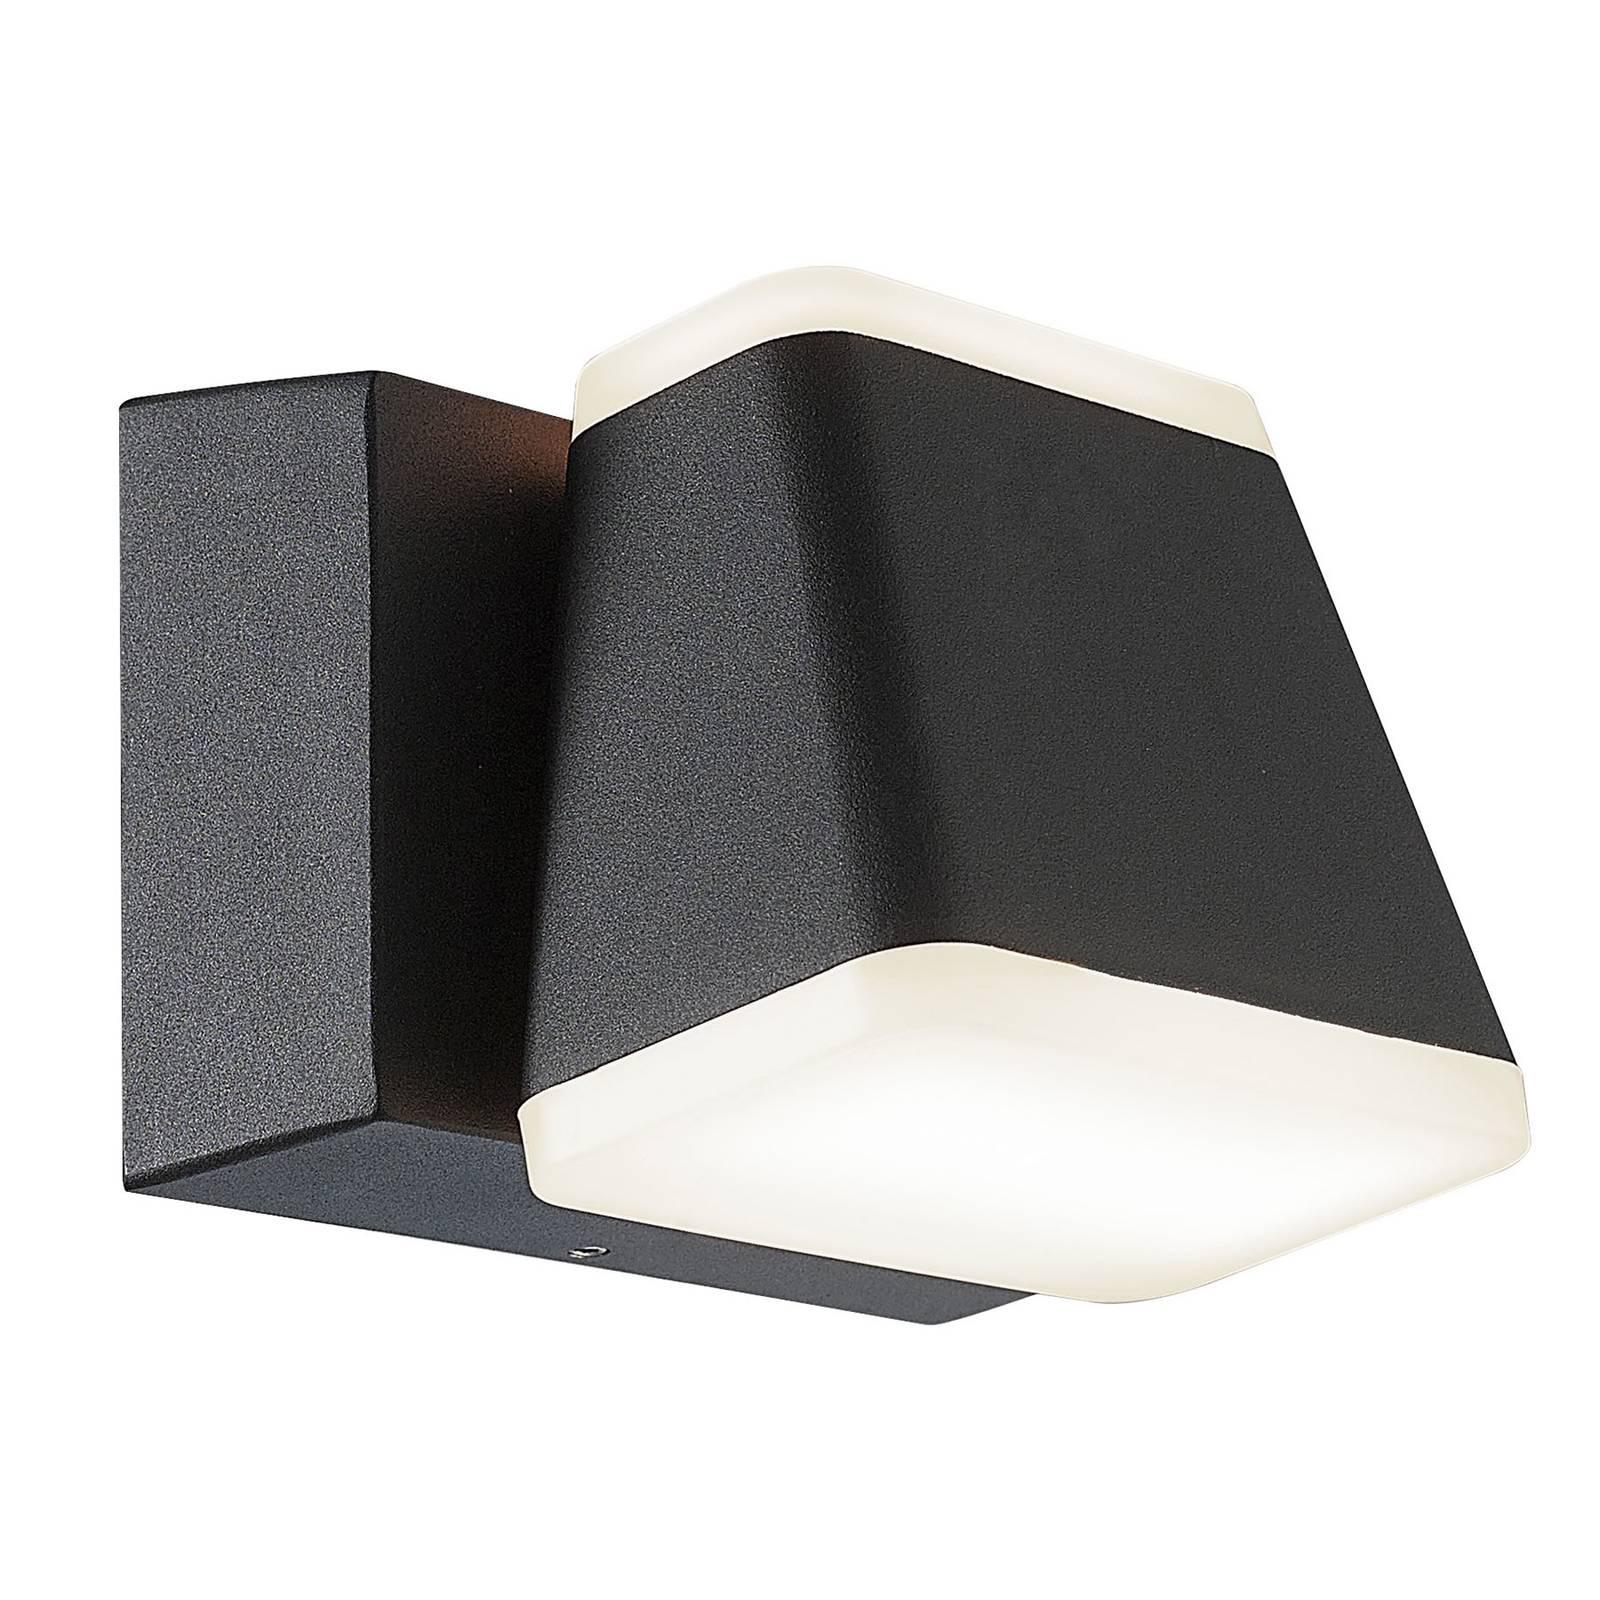 LED-ulkoseinälamppu Atlas, käännettävä, kulmikas